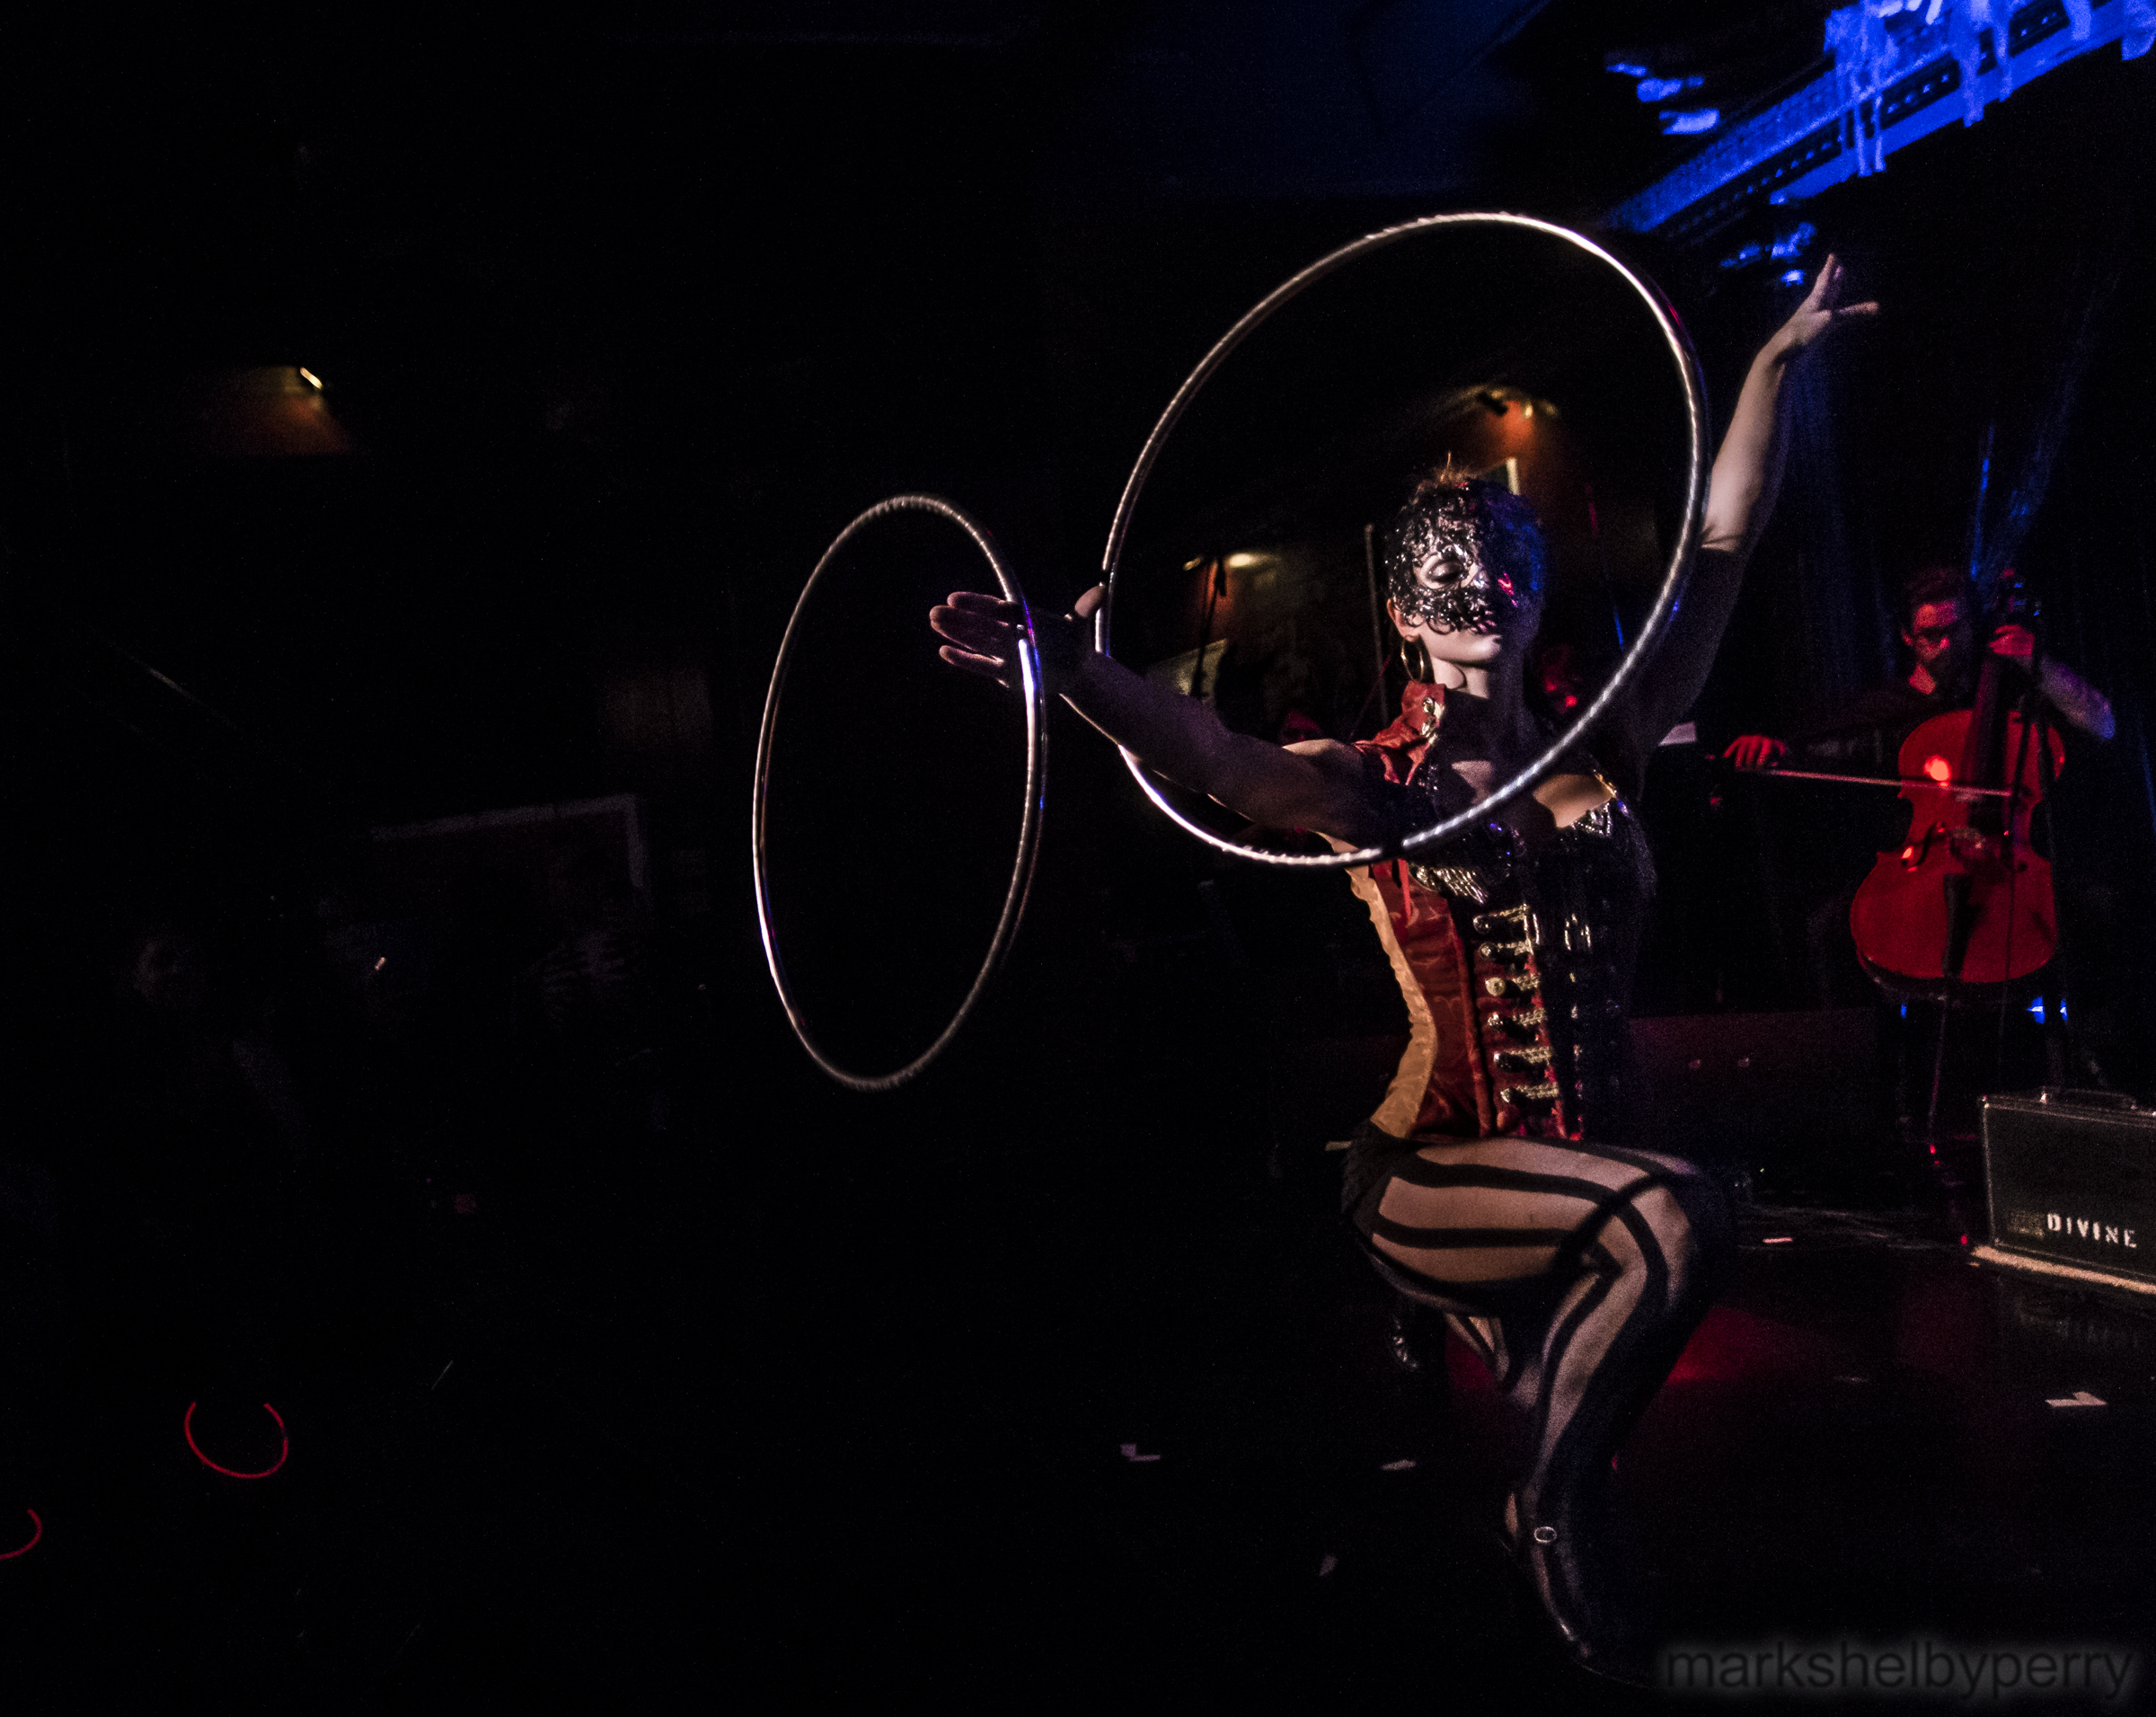 Cirque_Masked_Ringmaster.jpg